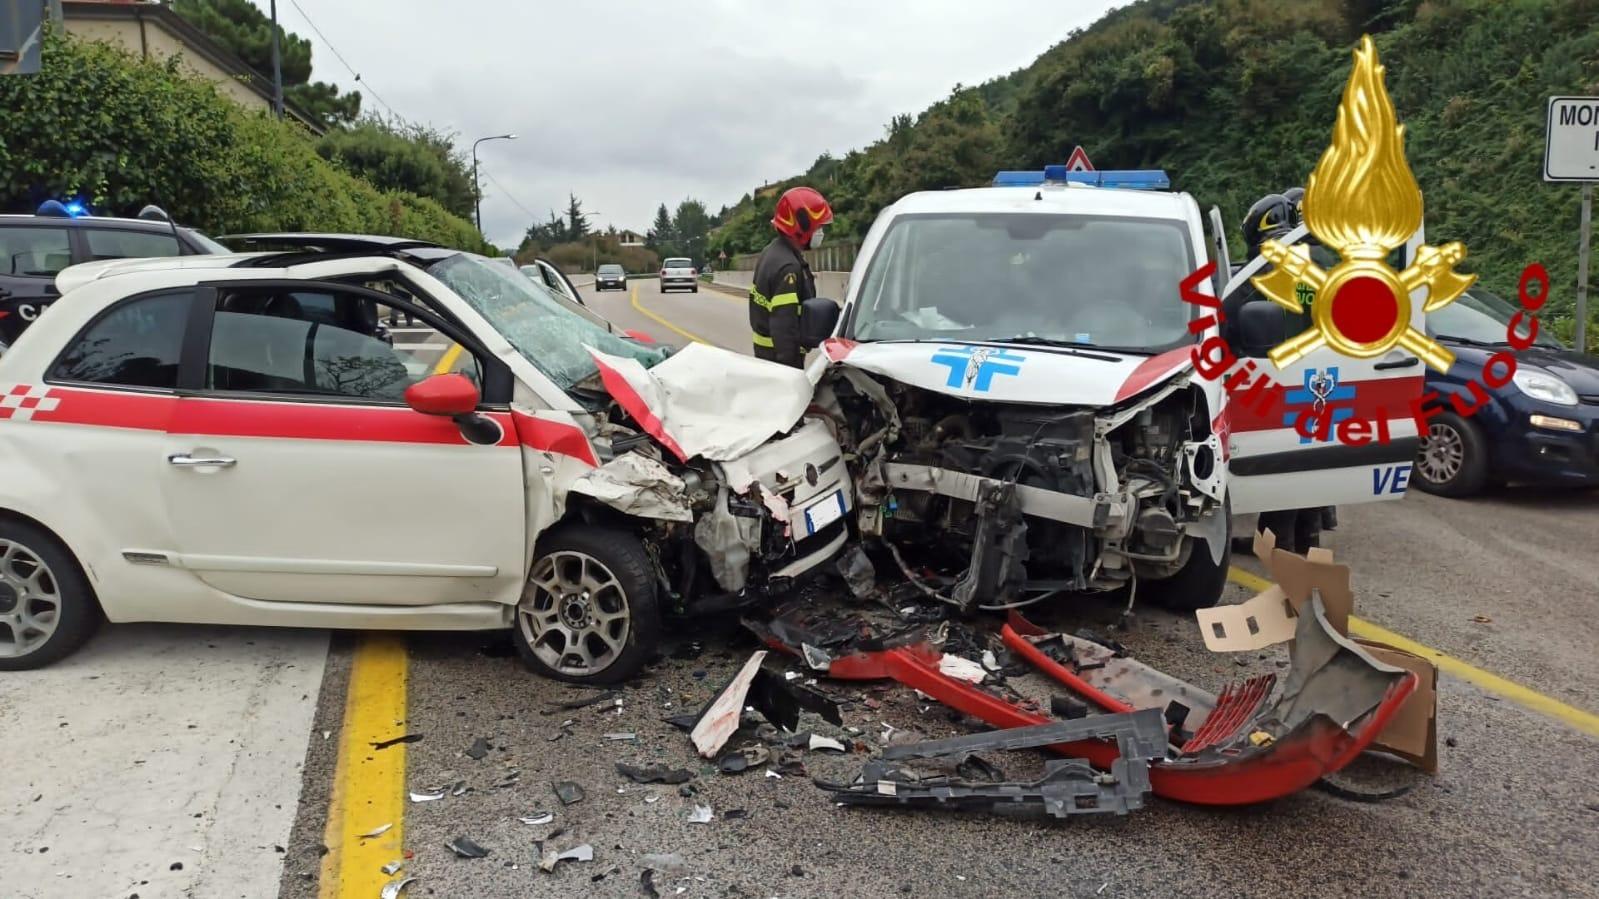 Monteforte Irpino, schianto tra un'auto e un'ambulanza veterinaria. Due feriti